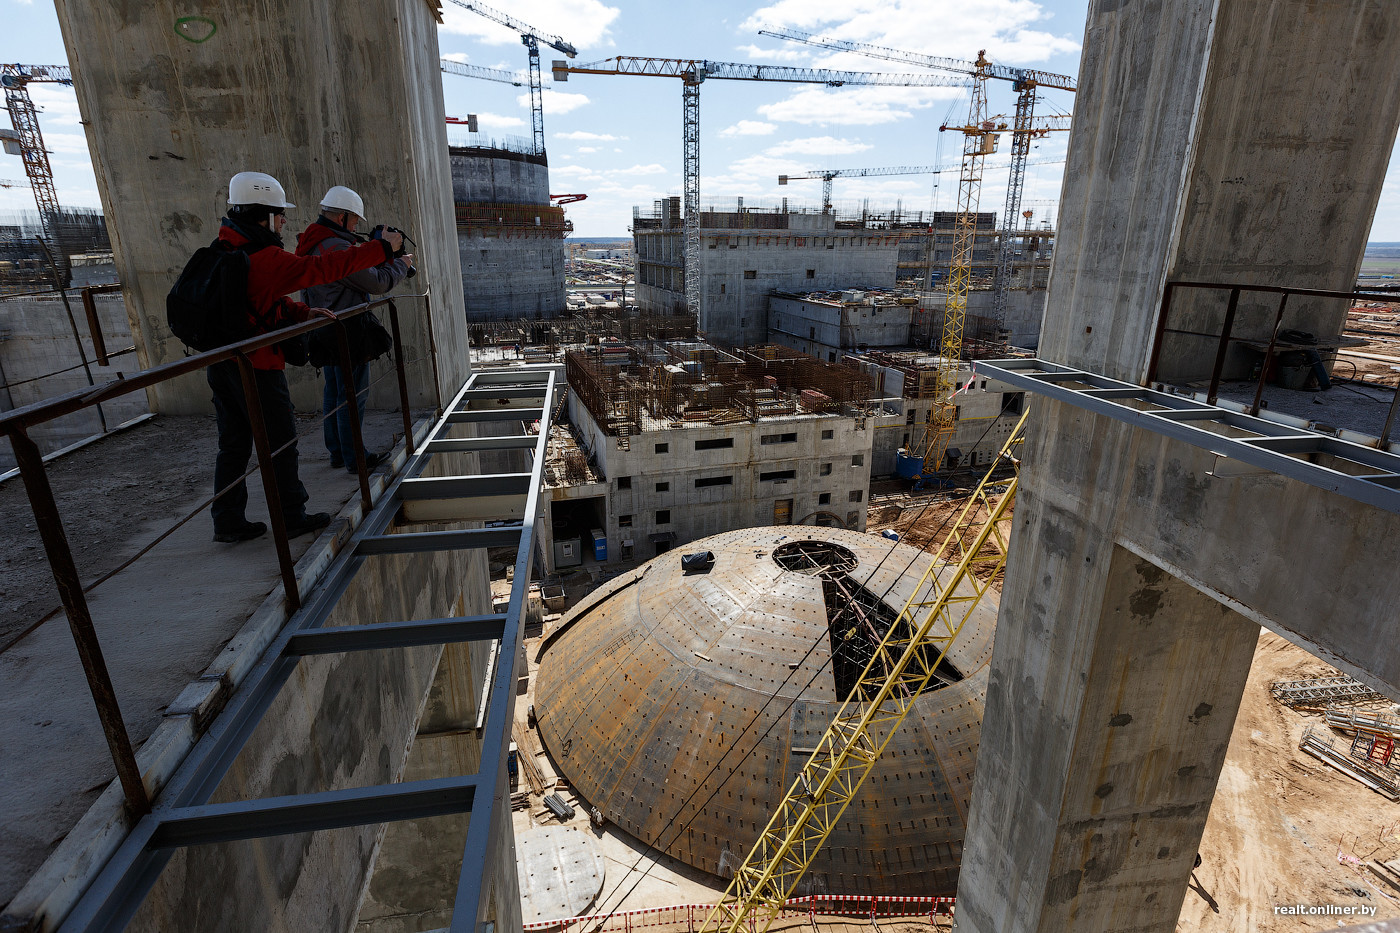 Репортаж со стройки Белорусской АЭС